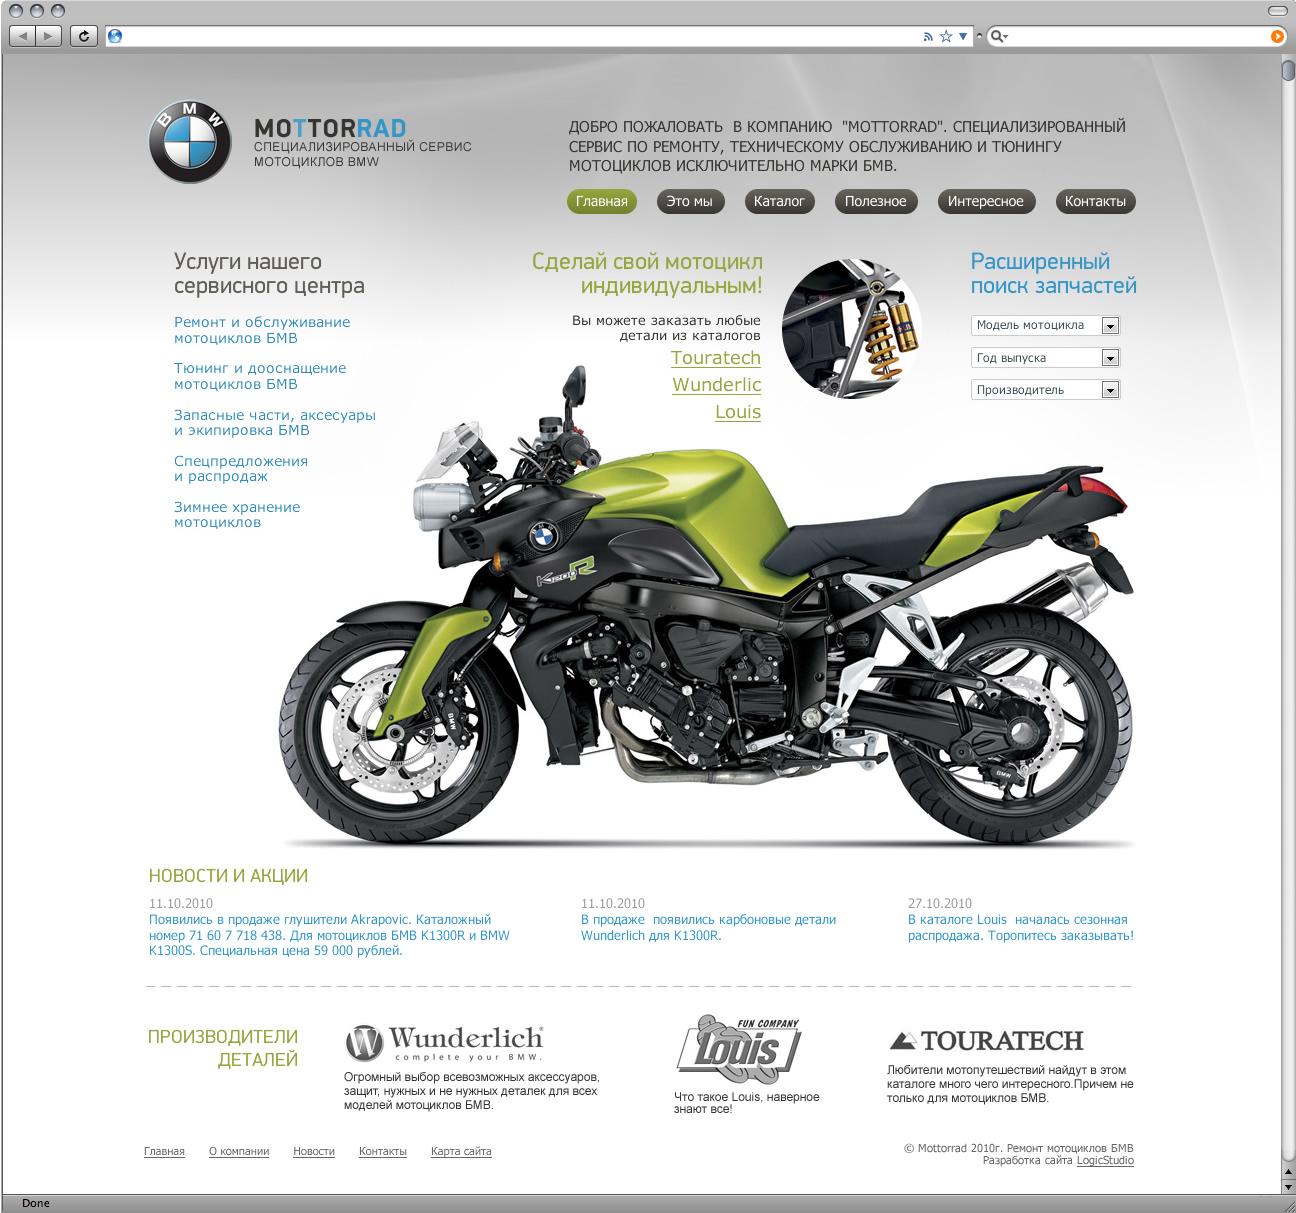 обслуживание мотоциклов BMW #10